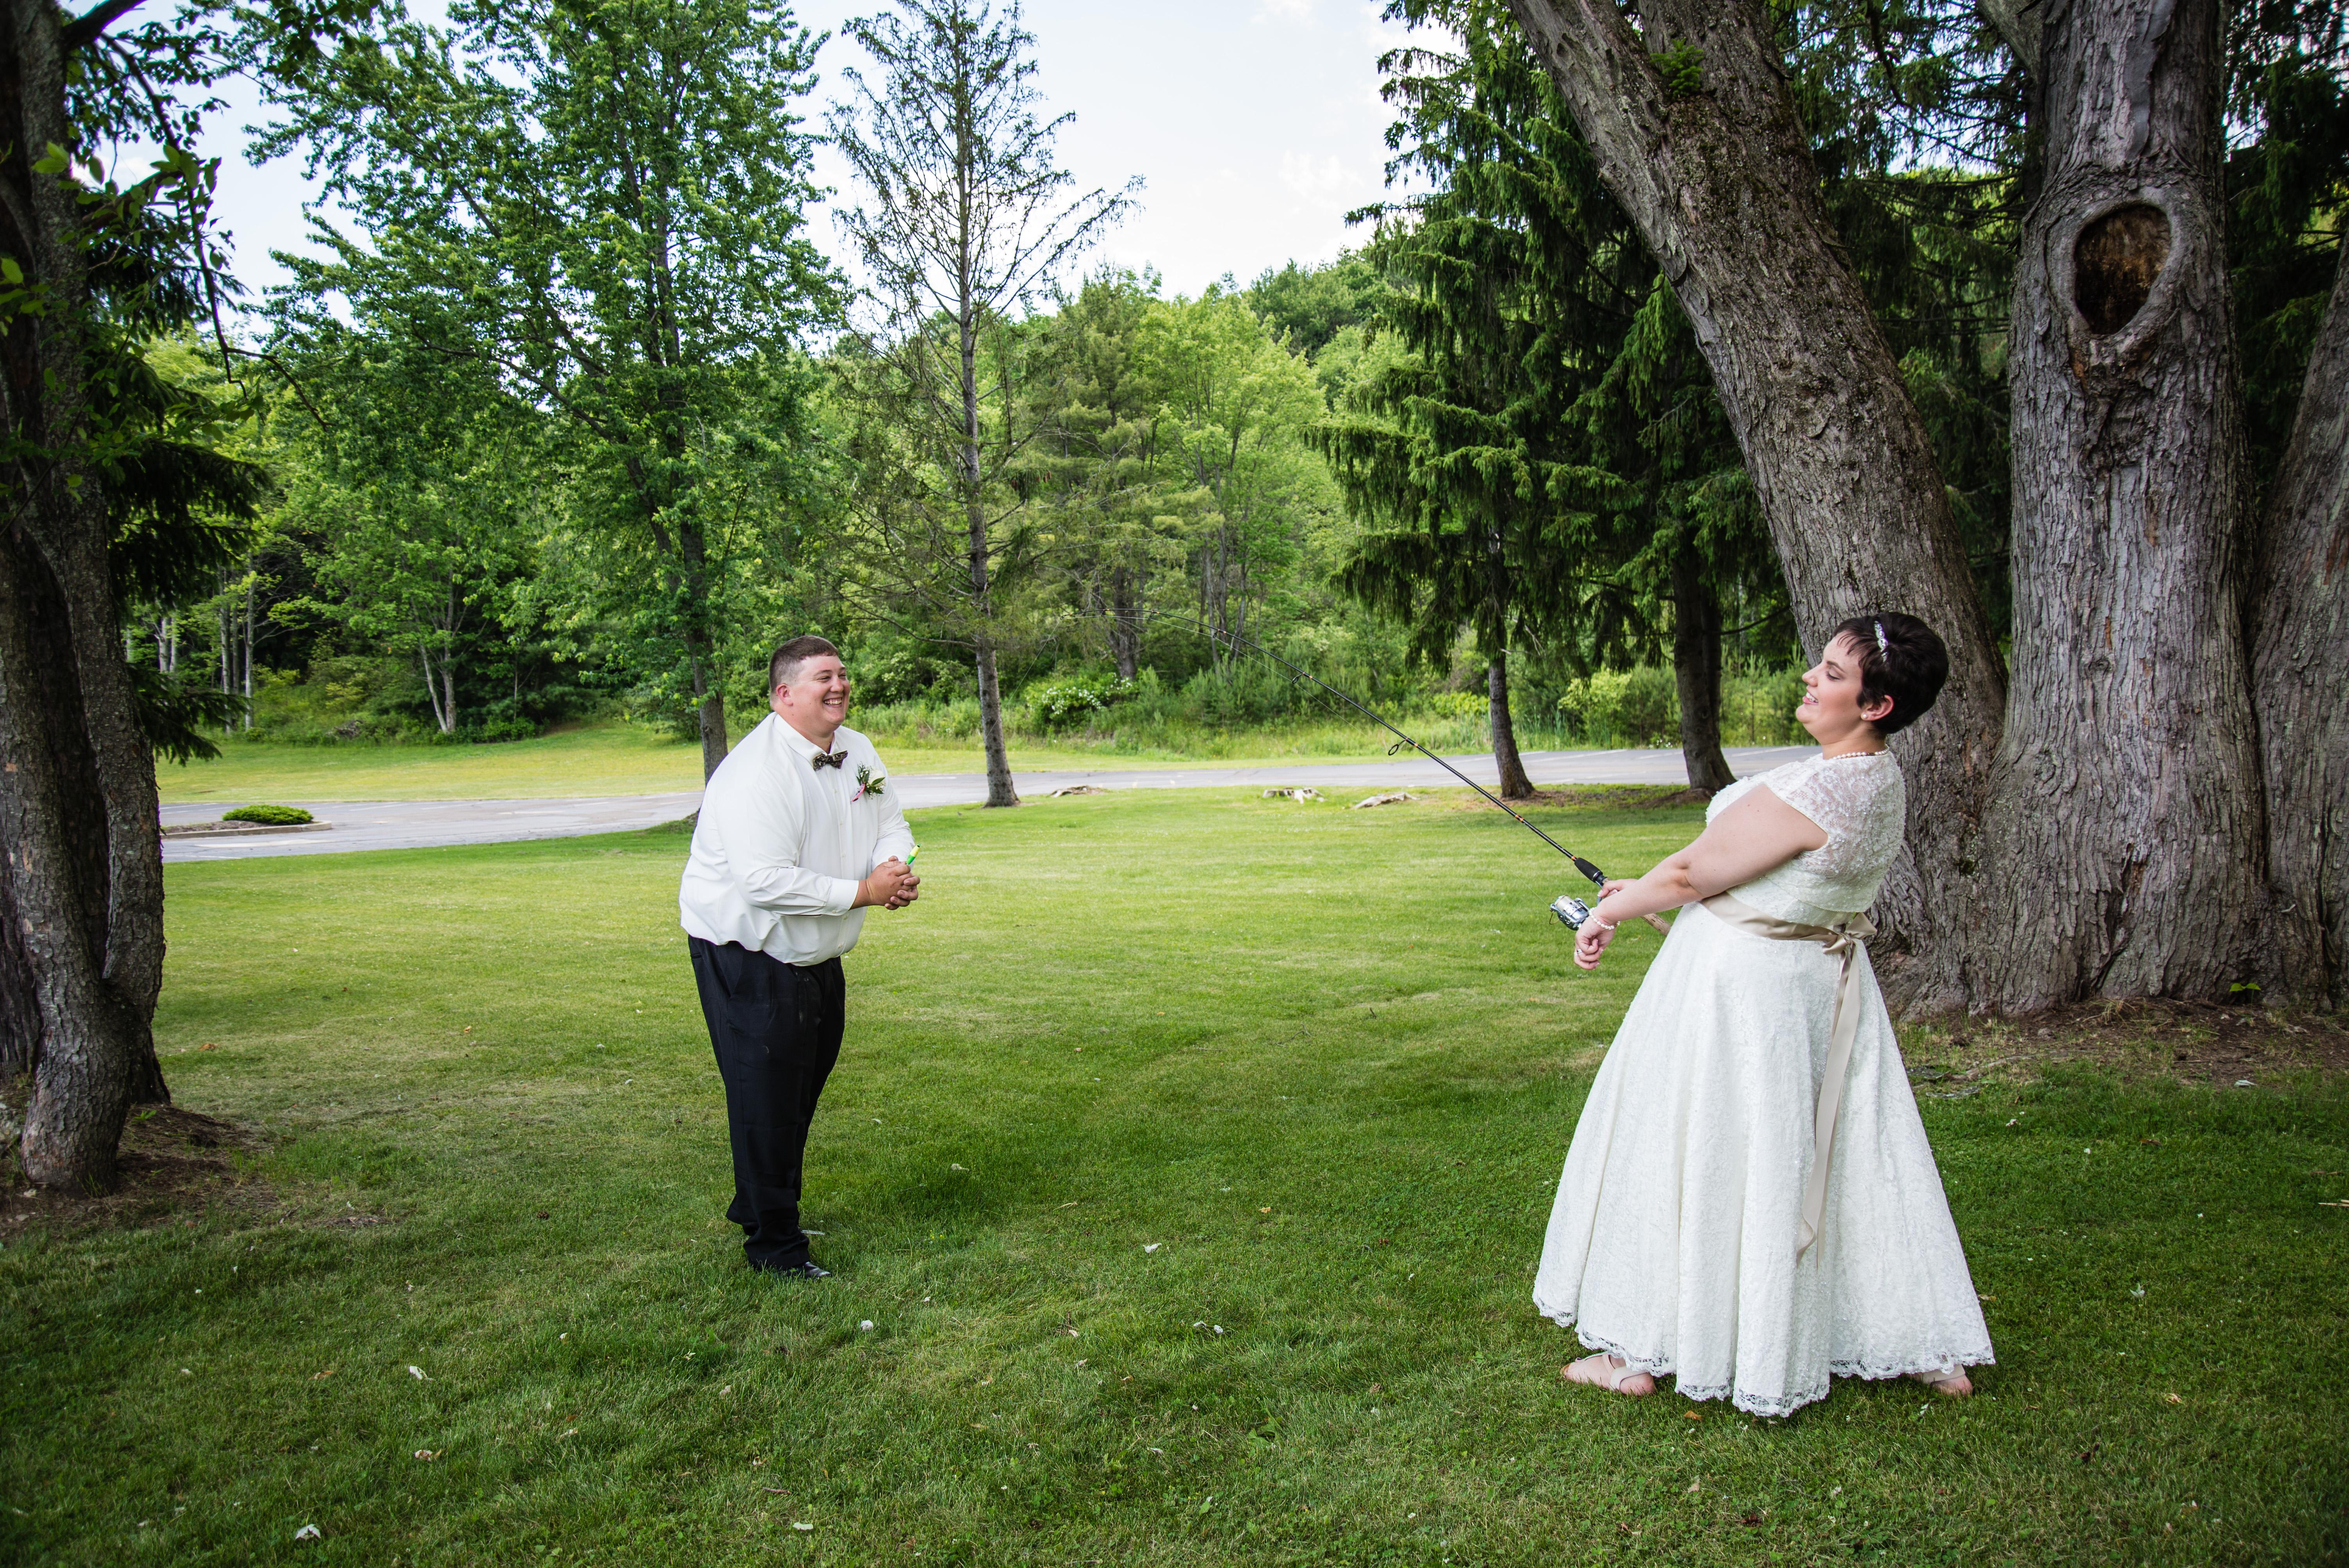 DeweyPhotography_Weddings_Binghamton_NY-42